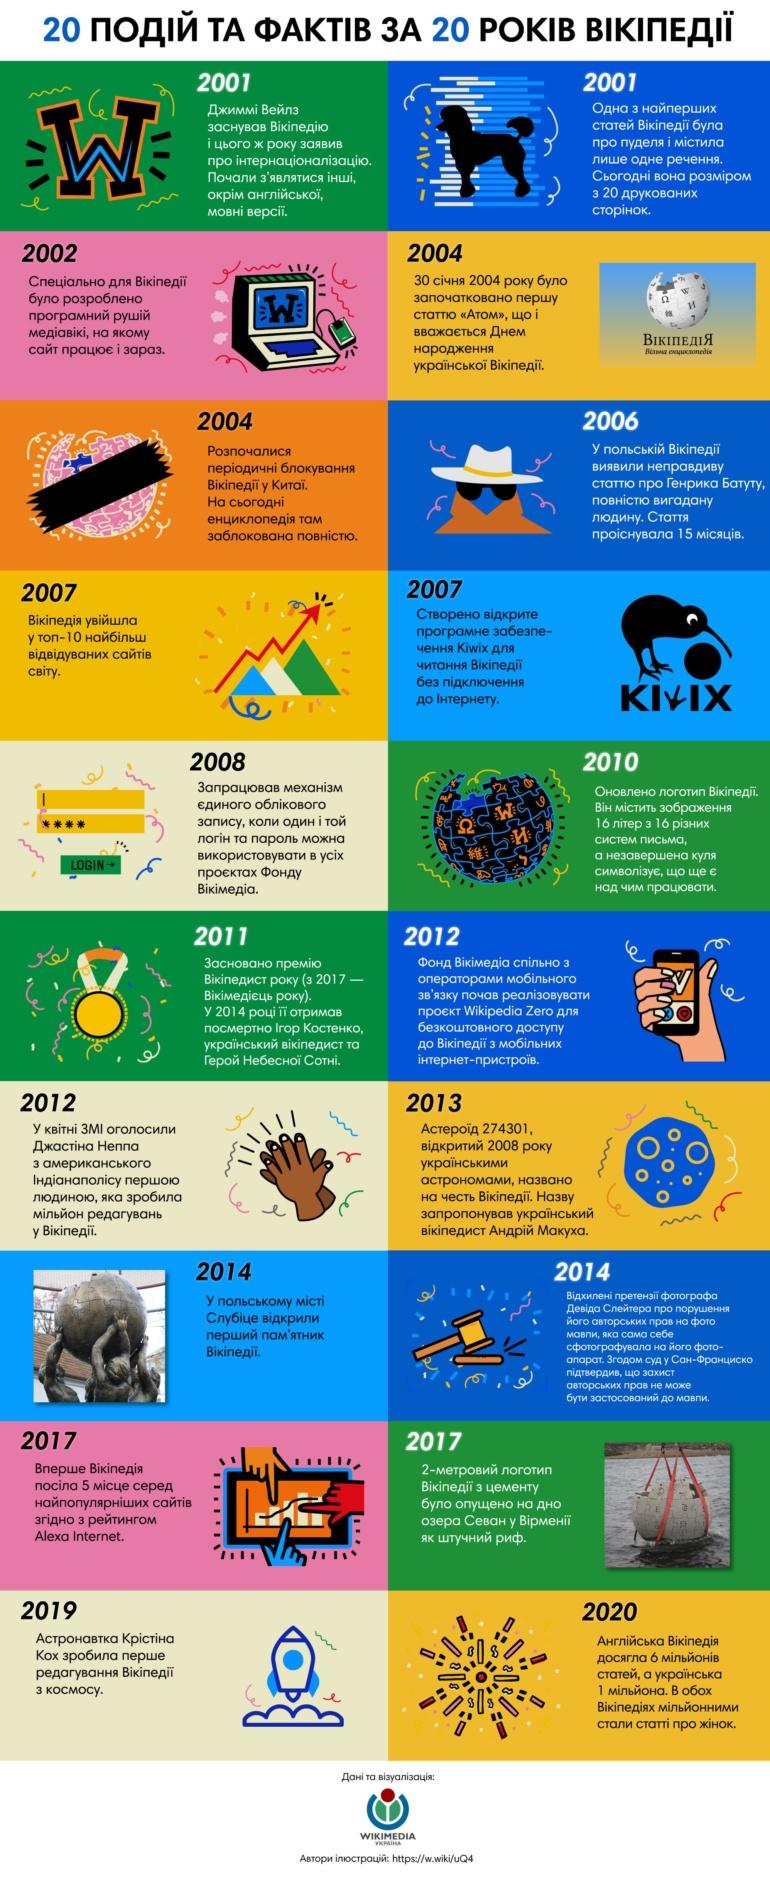 Сьогодні Вікіпедія відзначає 20-річний ювілей [20 цікавих фактів]